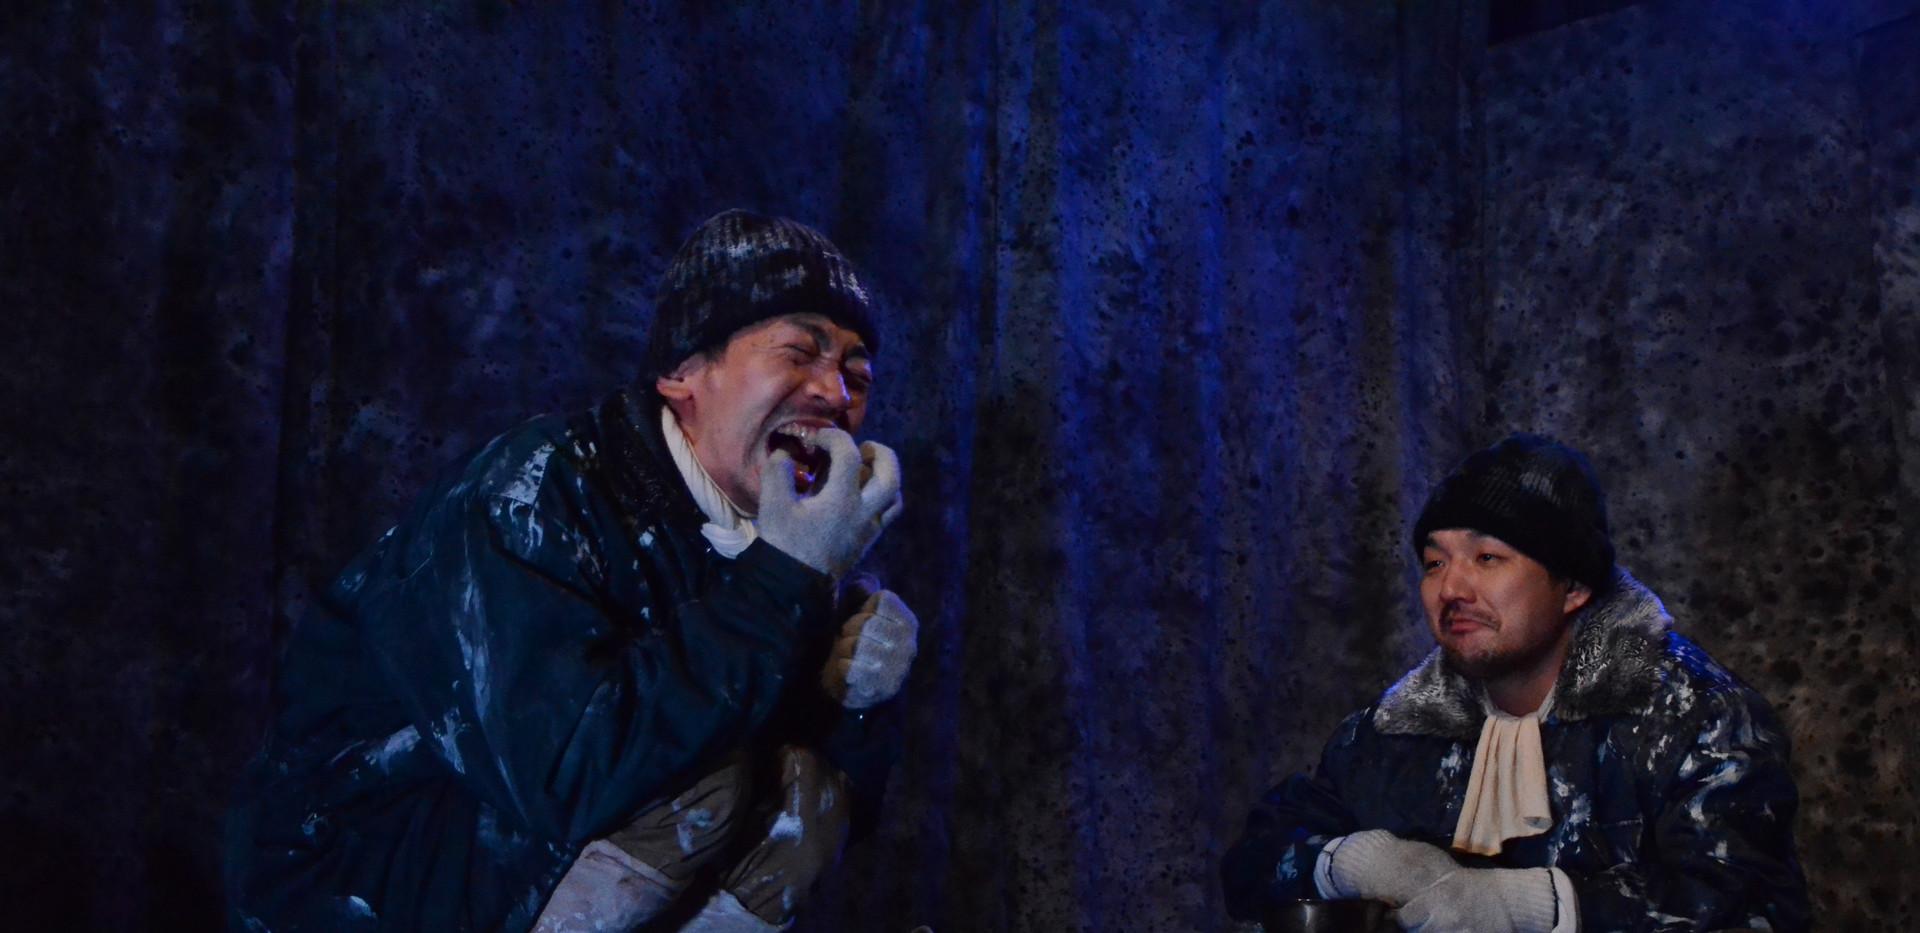 温泉ドラゴン「山の声」舞台写真1